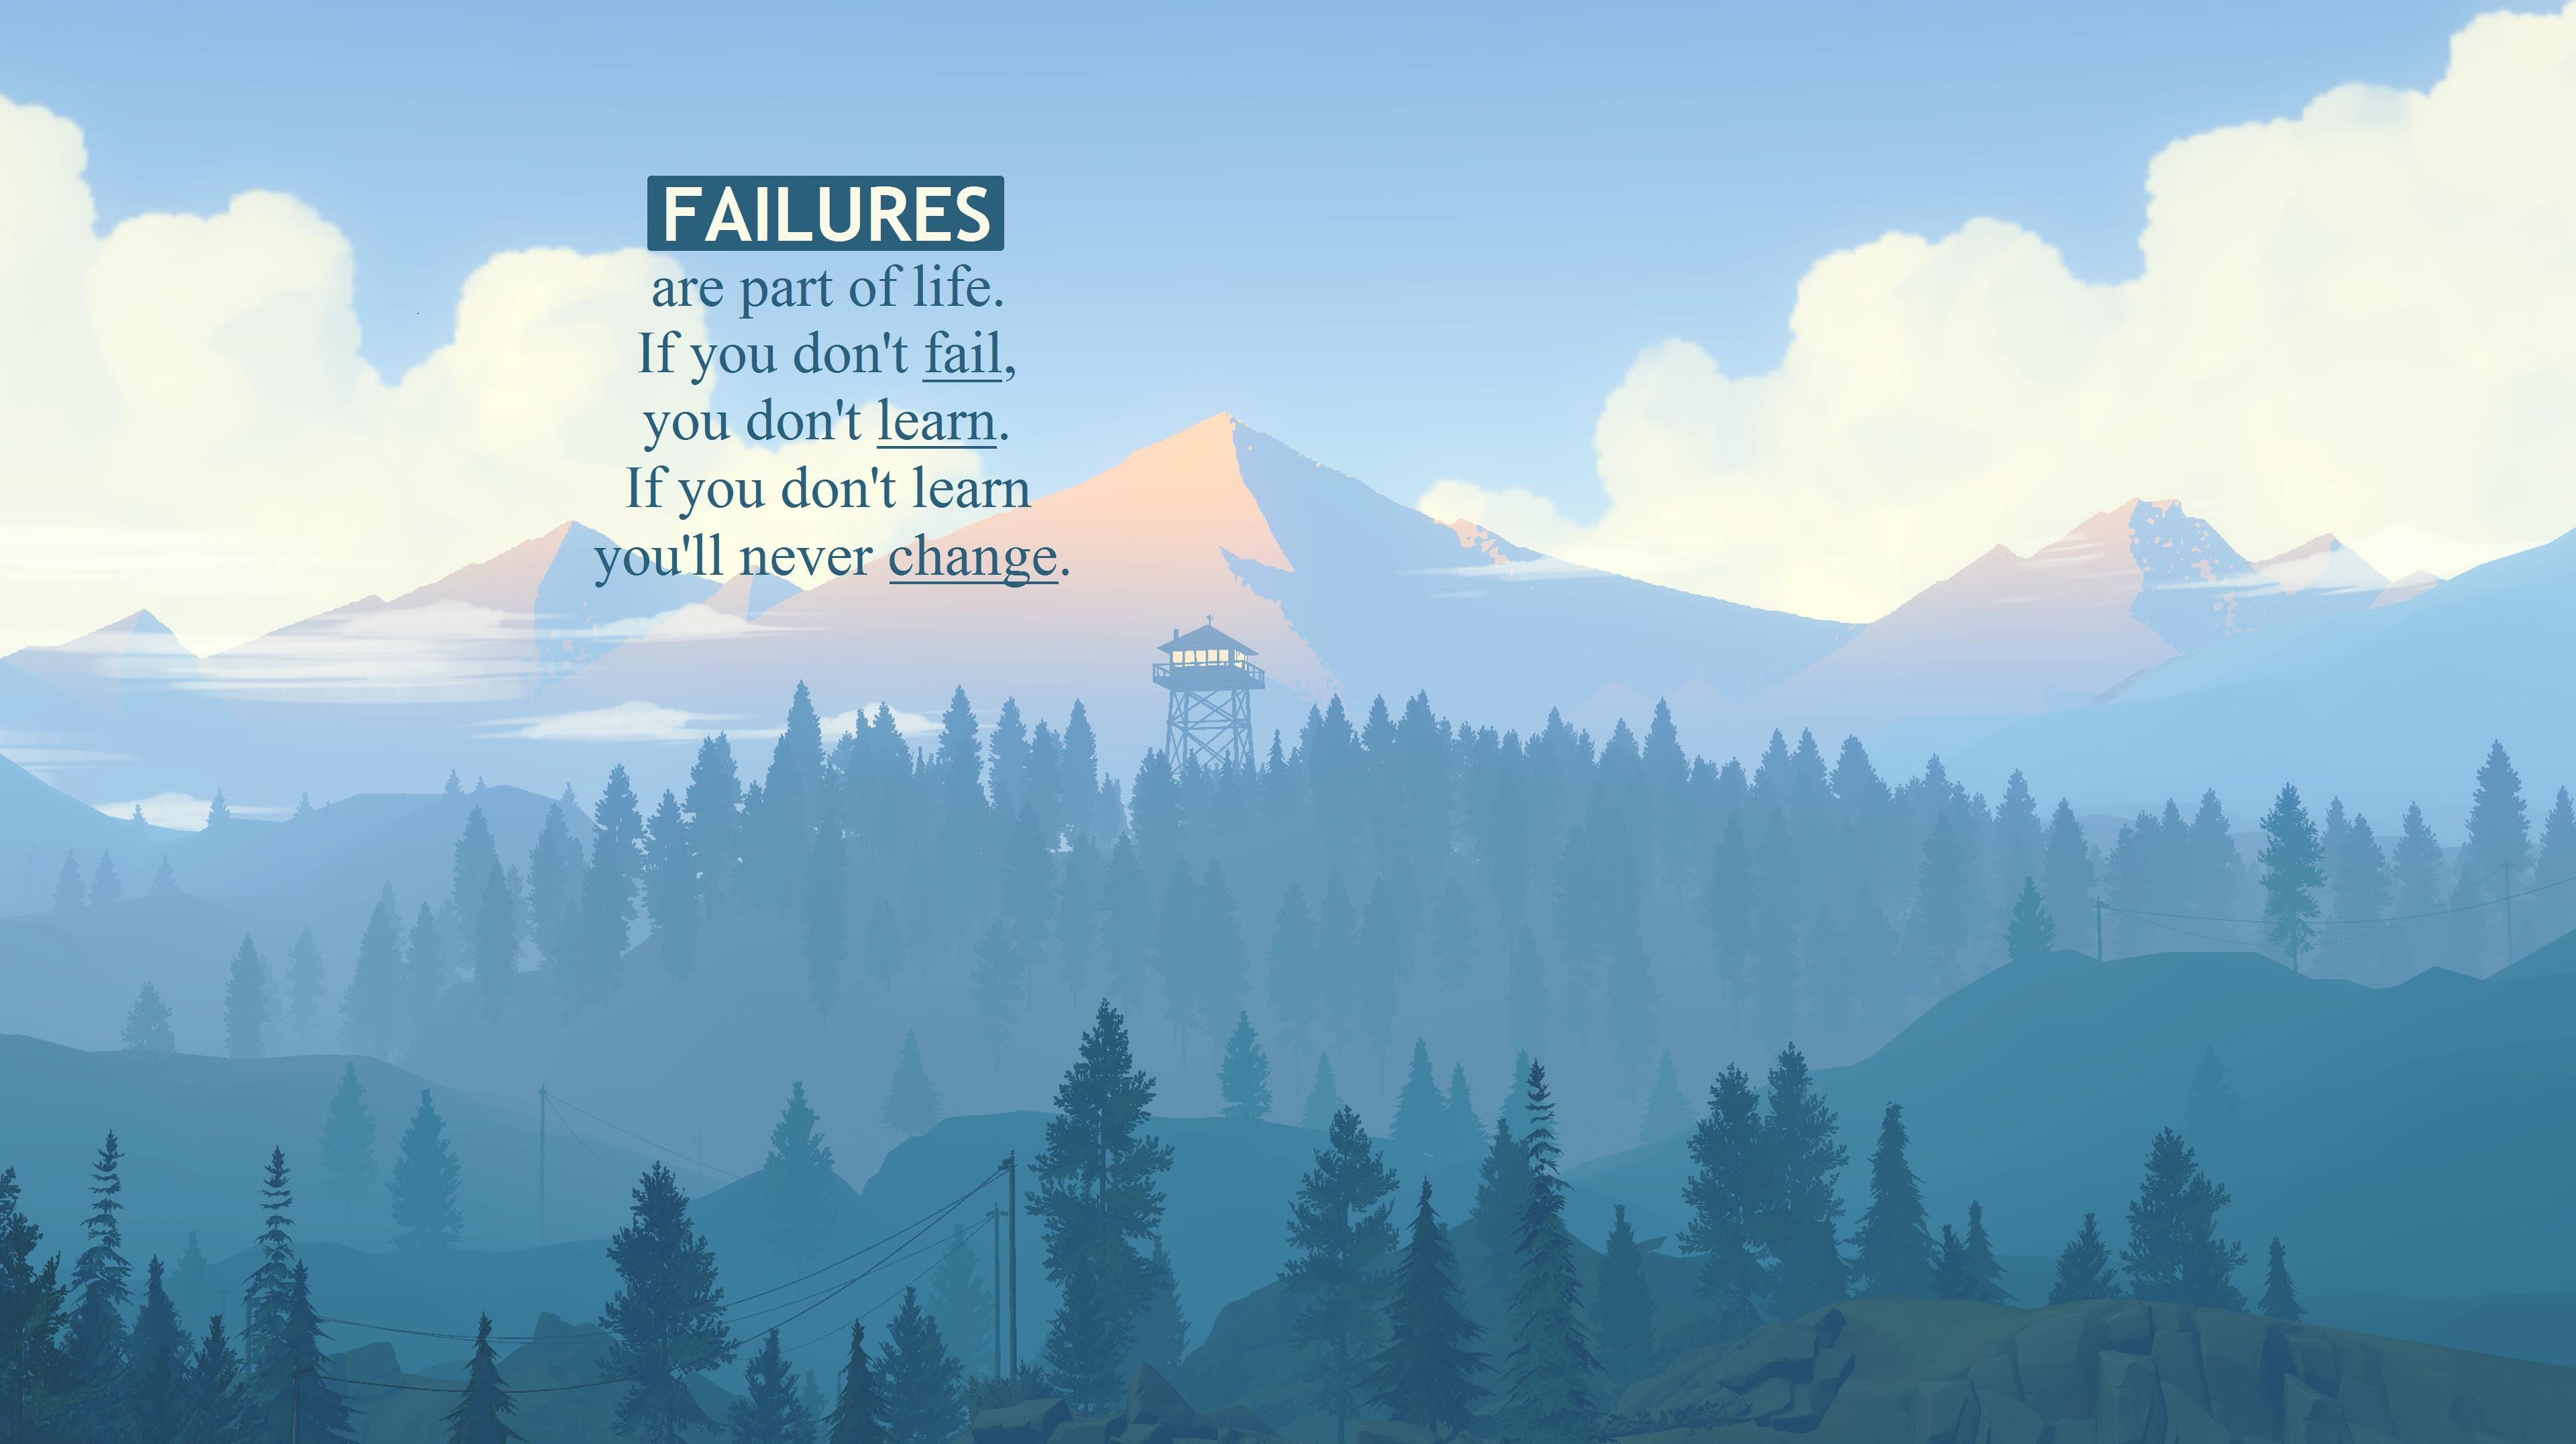 Galaxy S5 Fall Wallpaper Motivational Desktop Backgrounds 73 Images